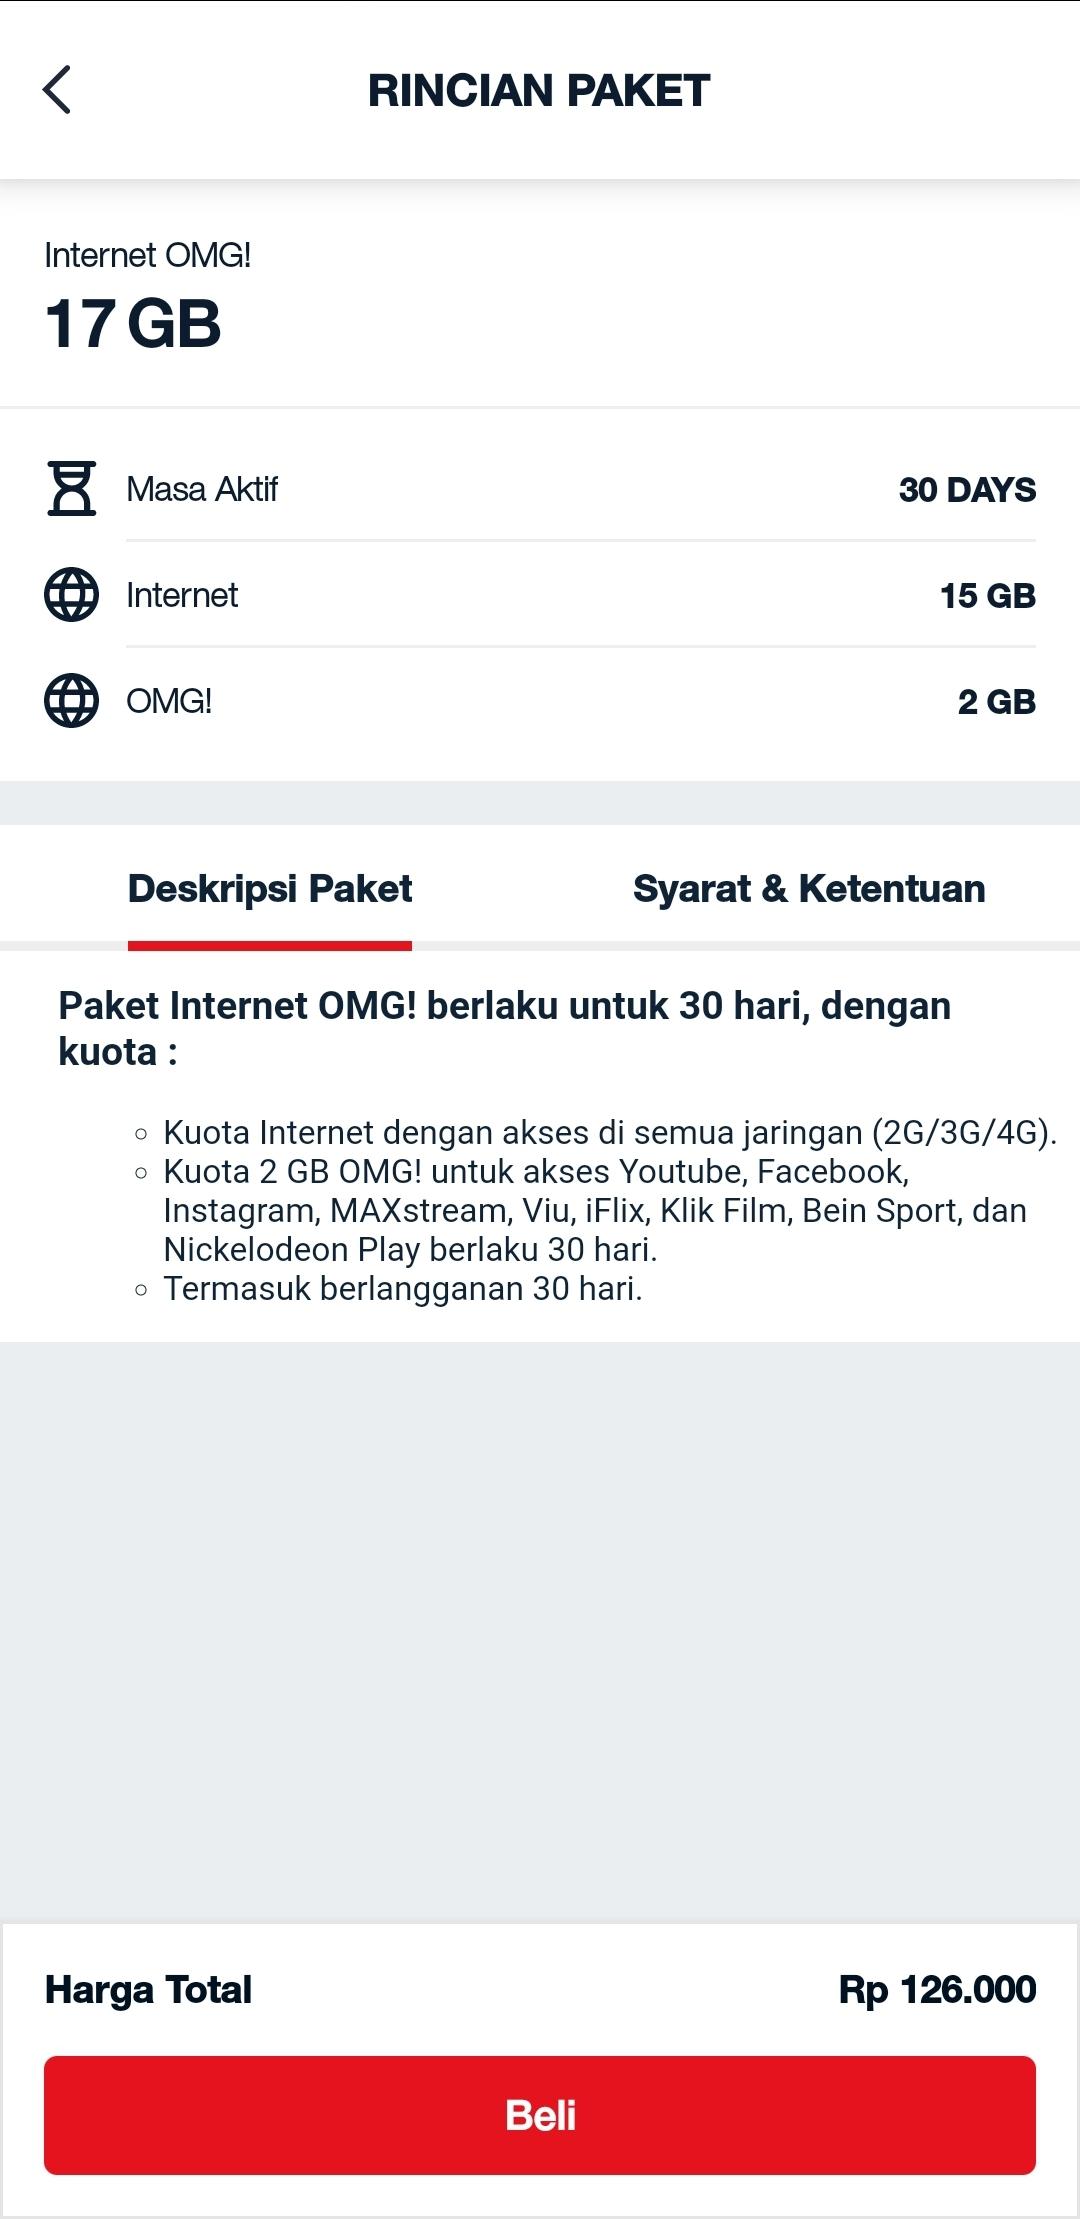 Internet OMG 17 GB